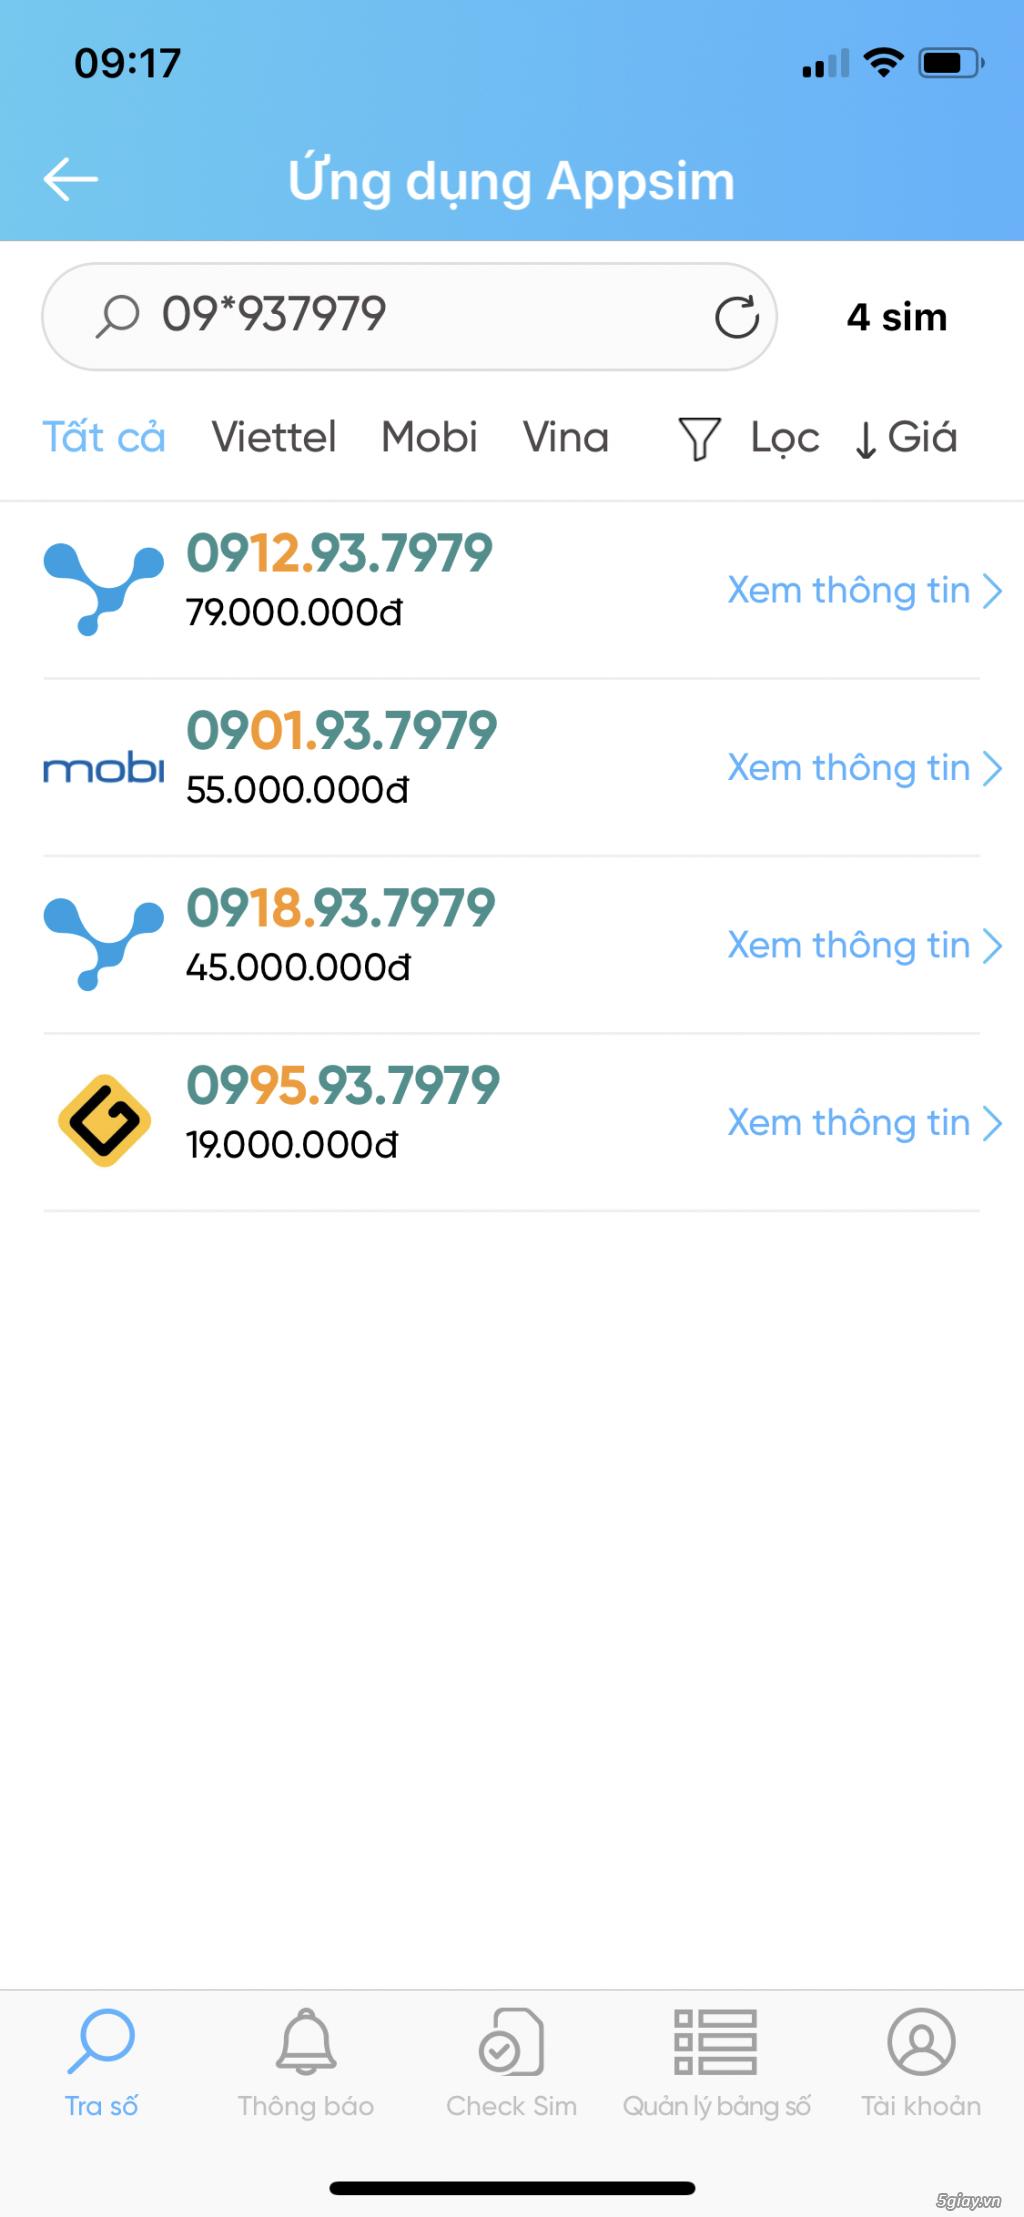 Mới về em Thần Tài siêu đỉnh 0918.93.7979 giá cực tốt